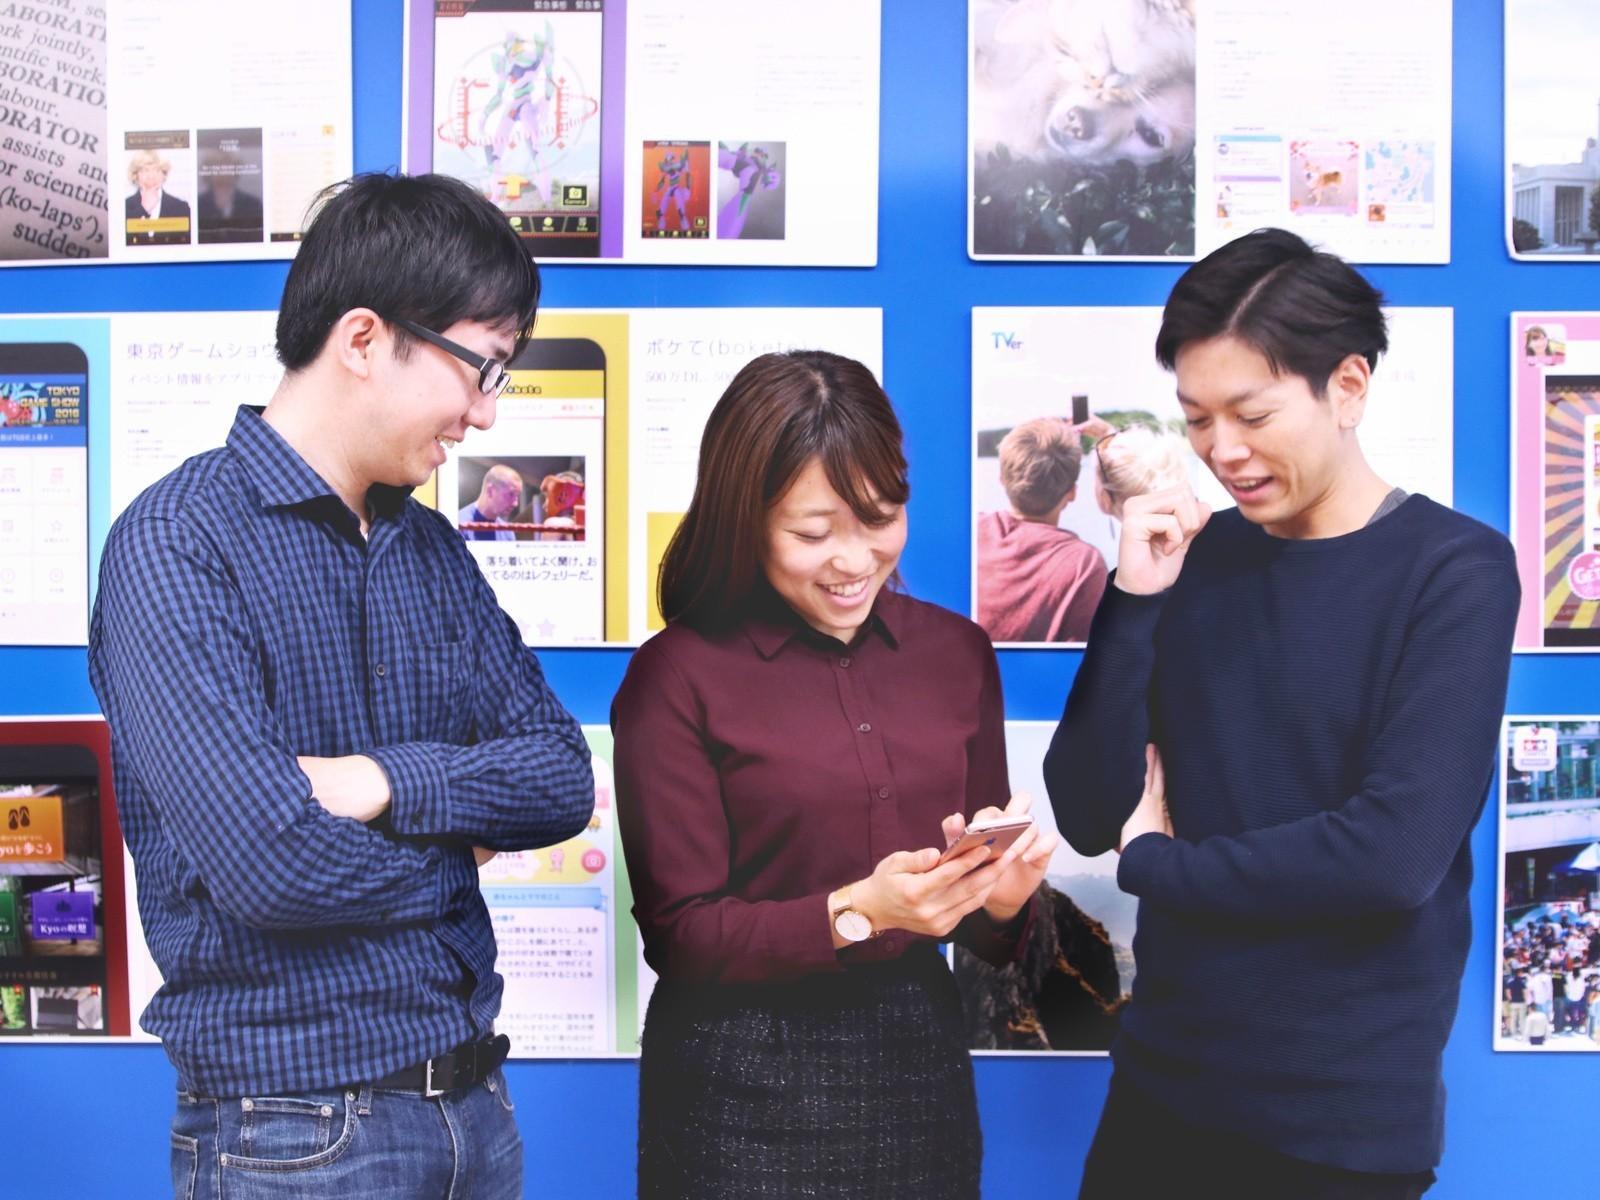 【Androidアプリエンジニア】100%自社開発でヒットアプリを目指す!